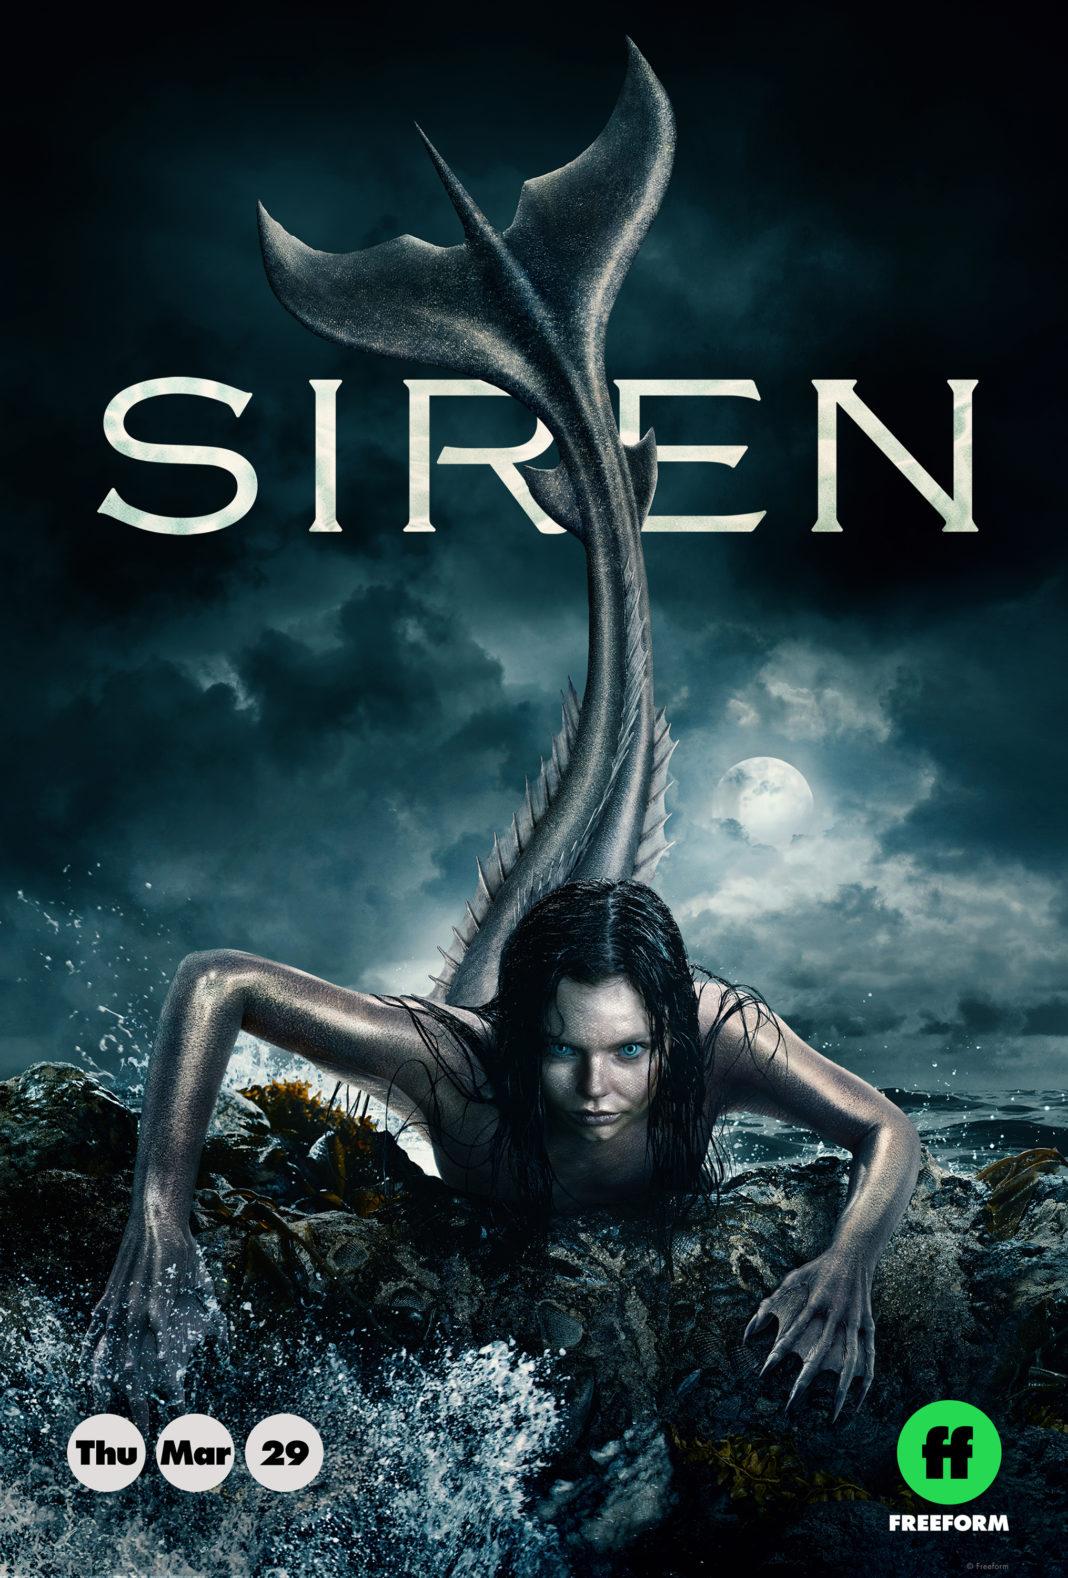 siren, siren, siren